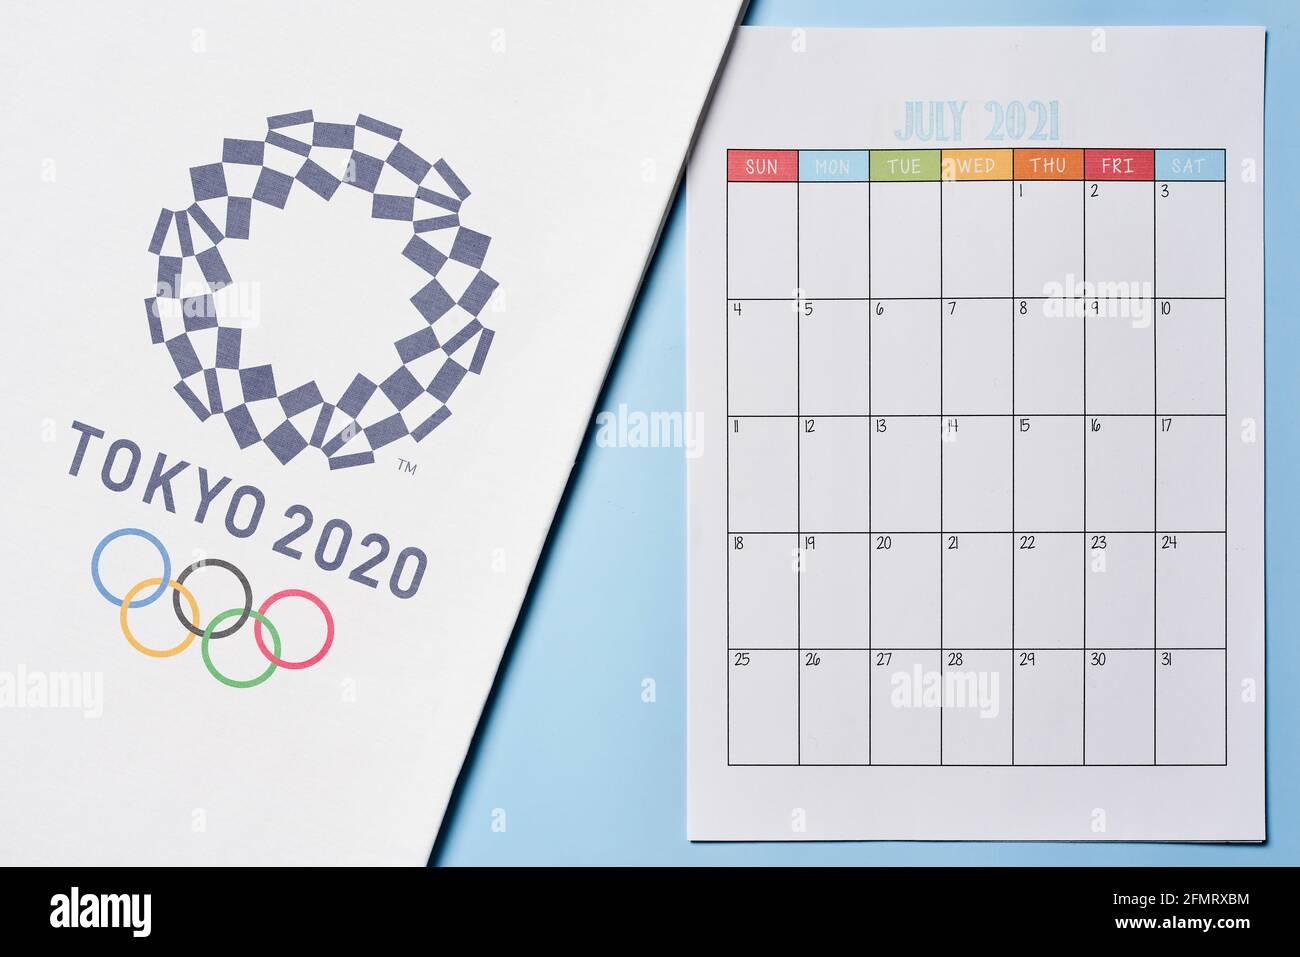 Tashkent, Uzbekistán - 4 de marzo de 2021: 2020 Logotipo de los Juegos Olímpicos de verano en la toalla blanca y calendario mensual de julio de 2021 Foto de stock